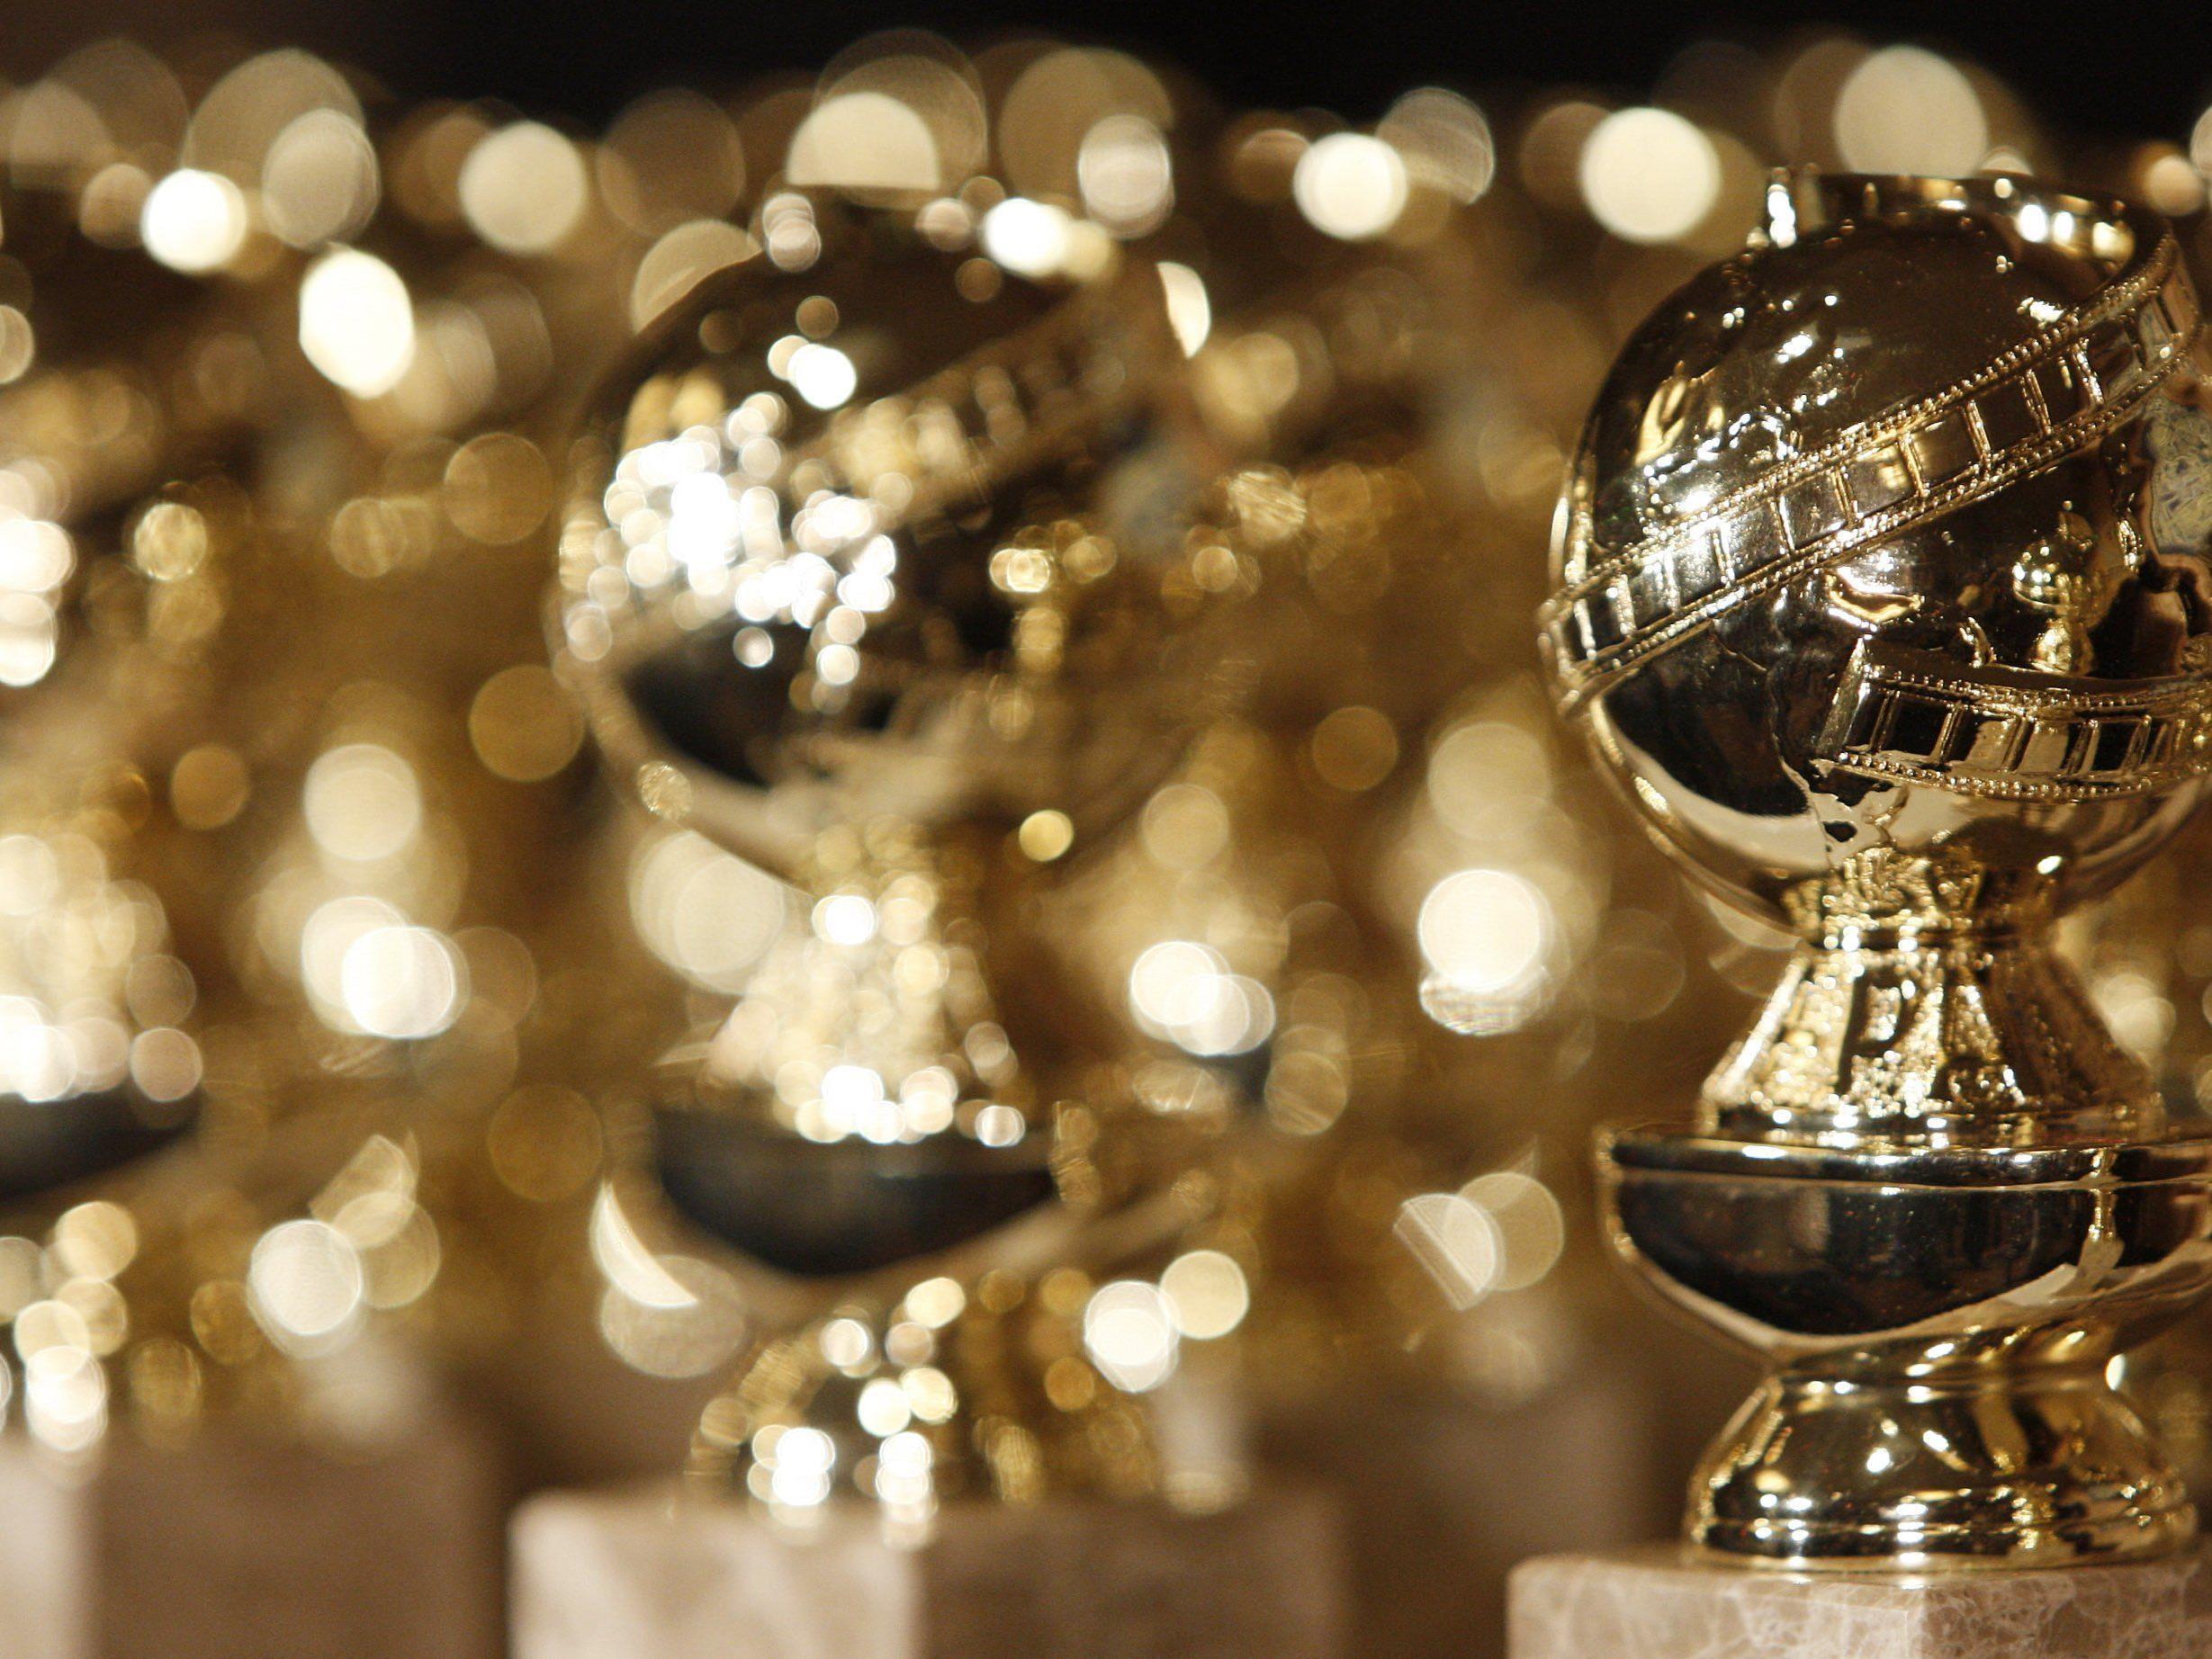 Golden Globes Nominierung 2016